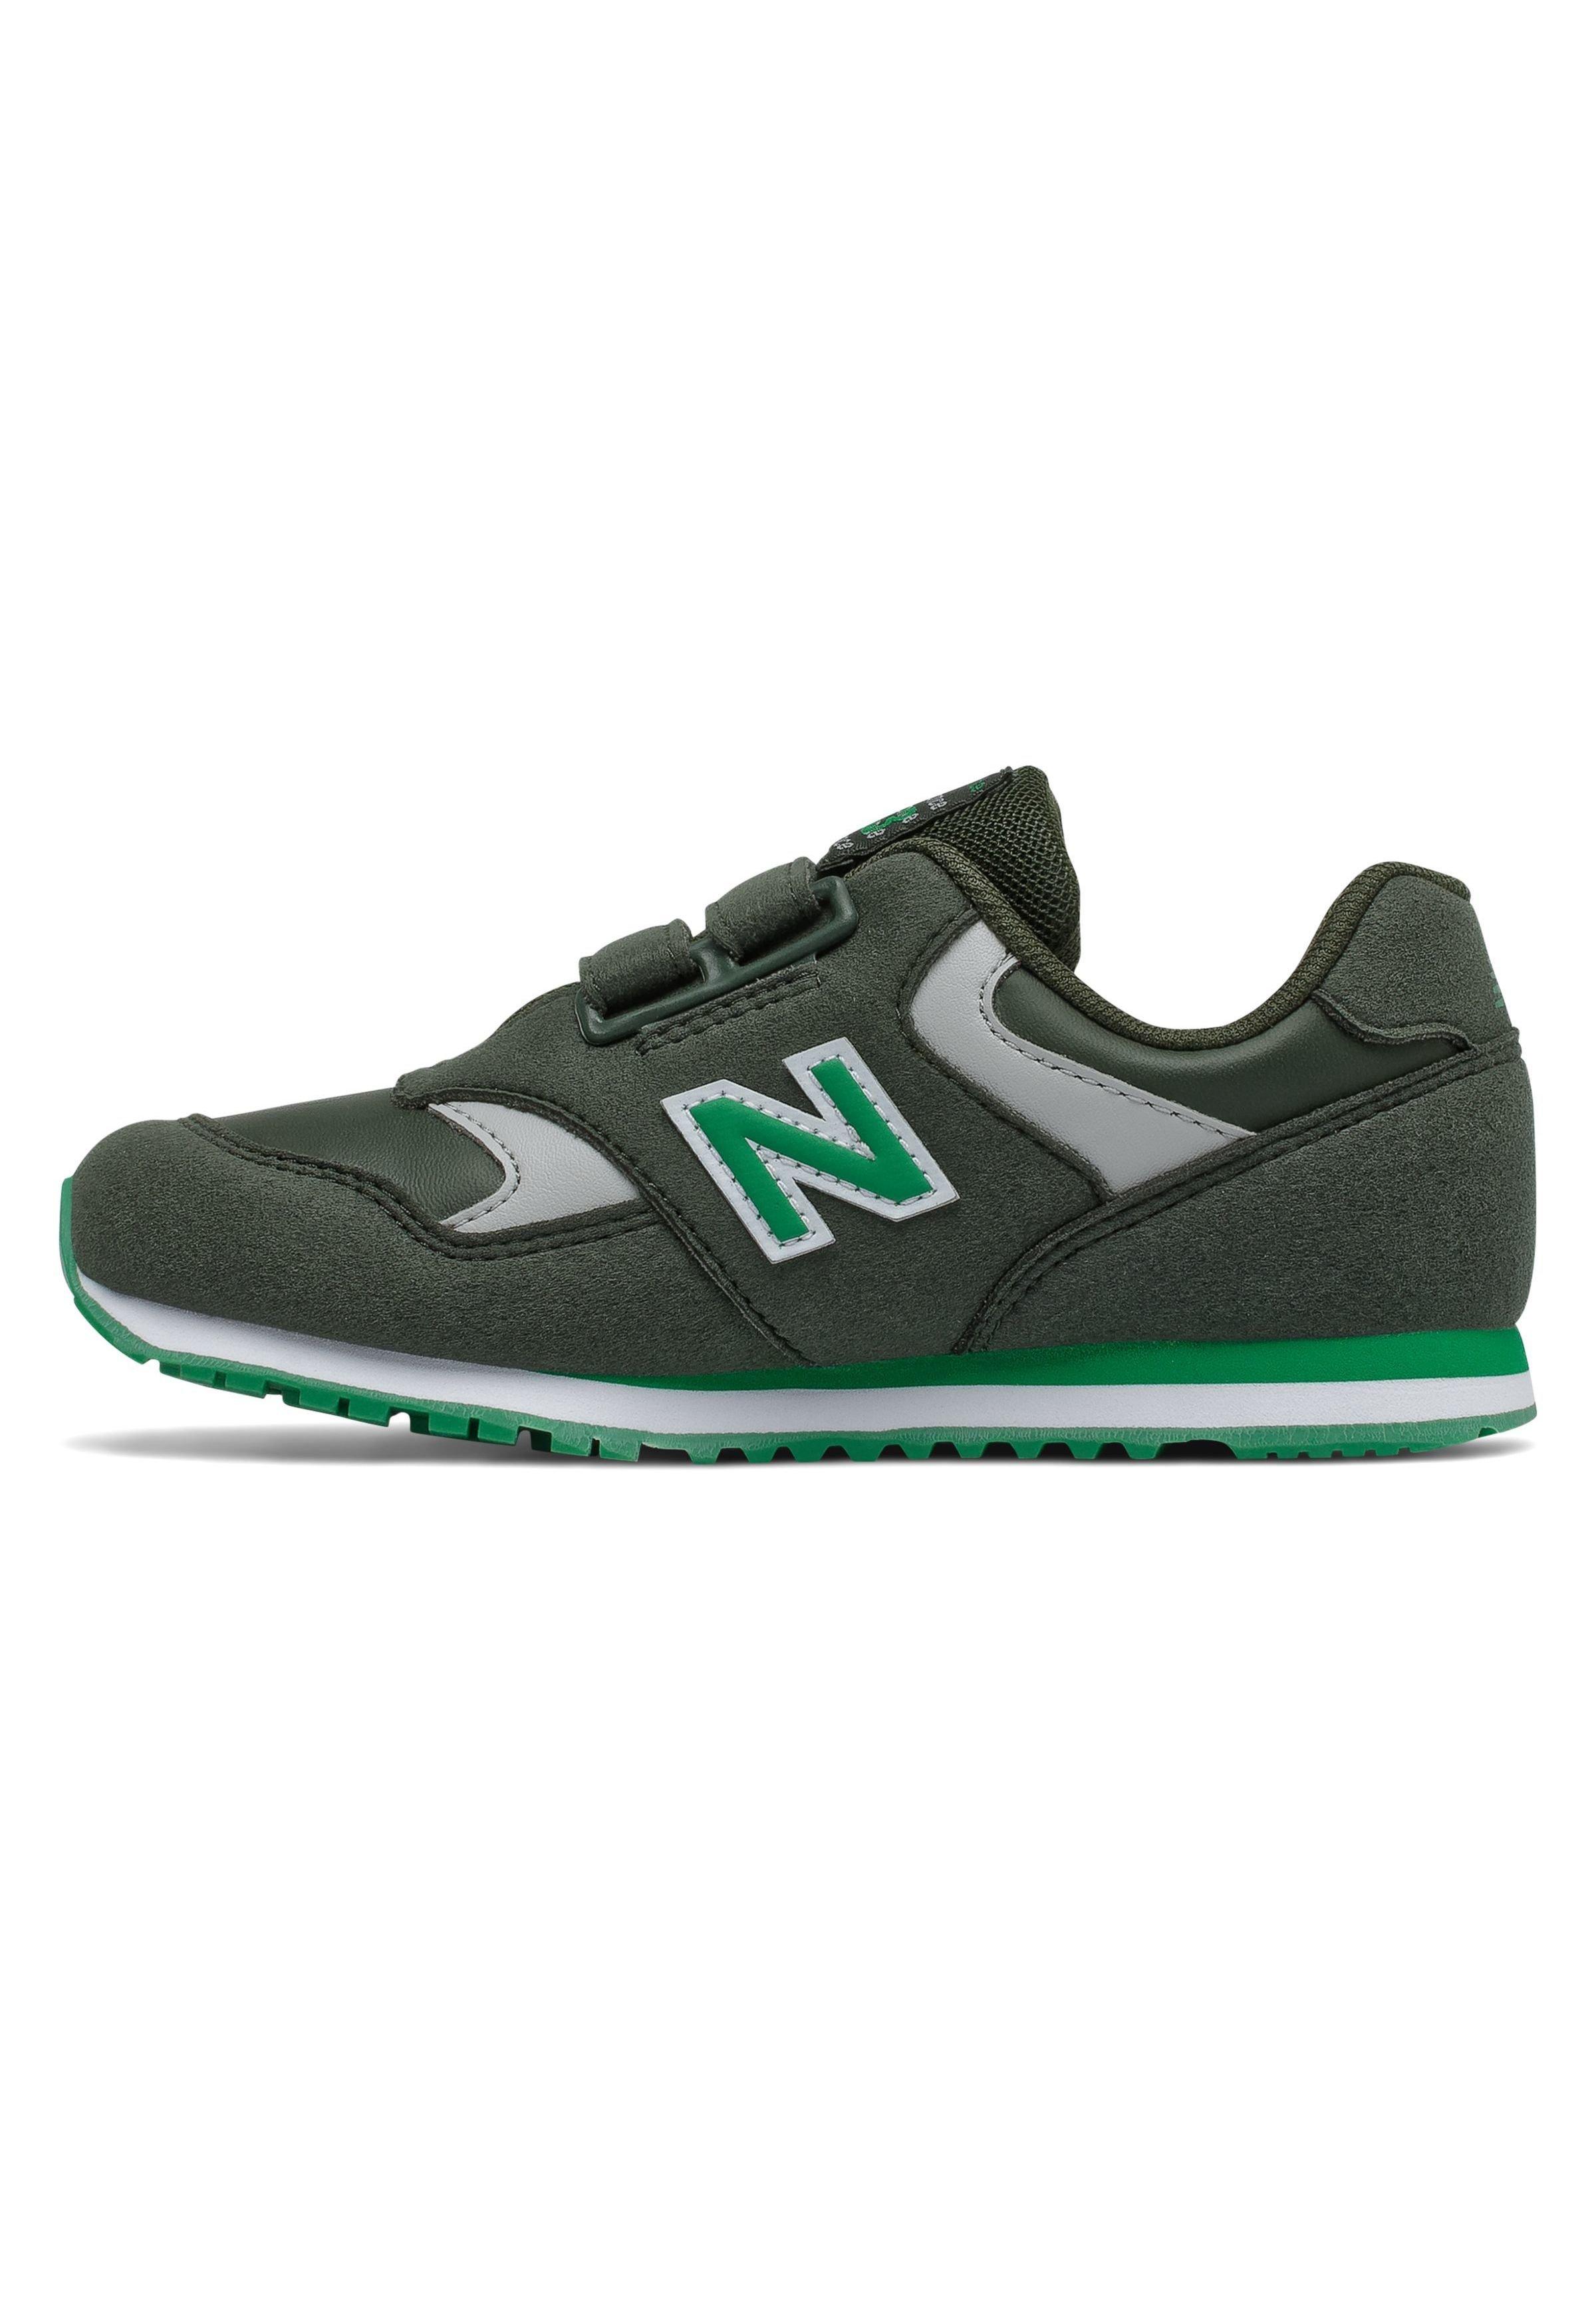 scarpe new balance bambino bordo